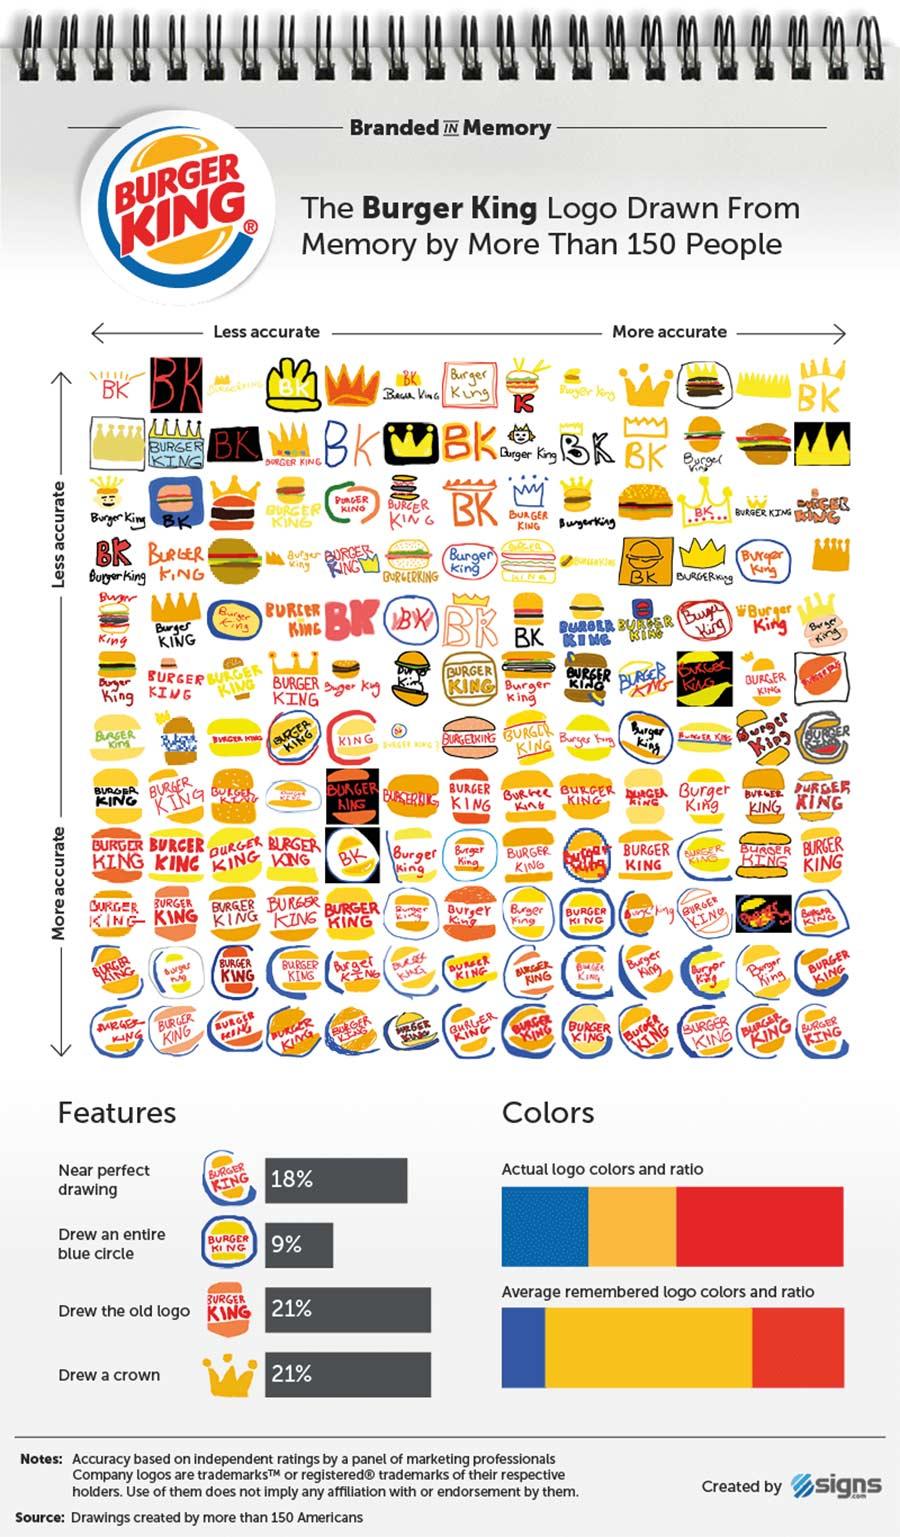 Wenn 156 Leute versuchen, Logos zu malen branded-in-memory-markenlogos-nachgemalt_04